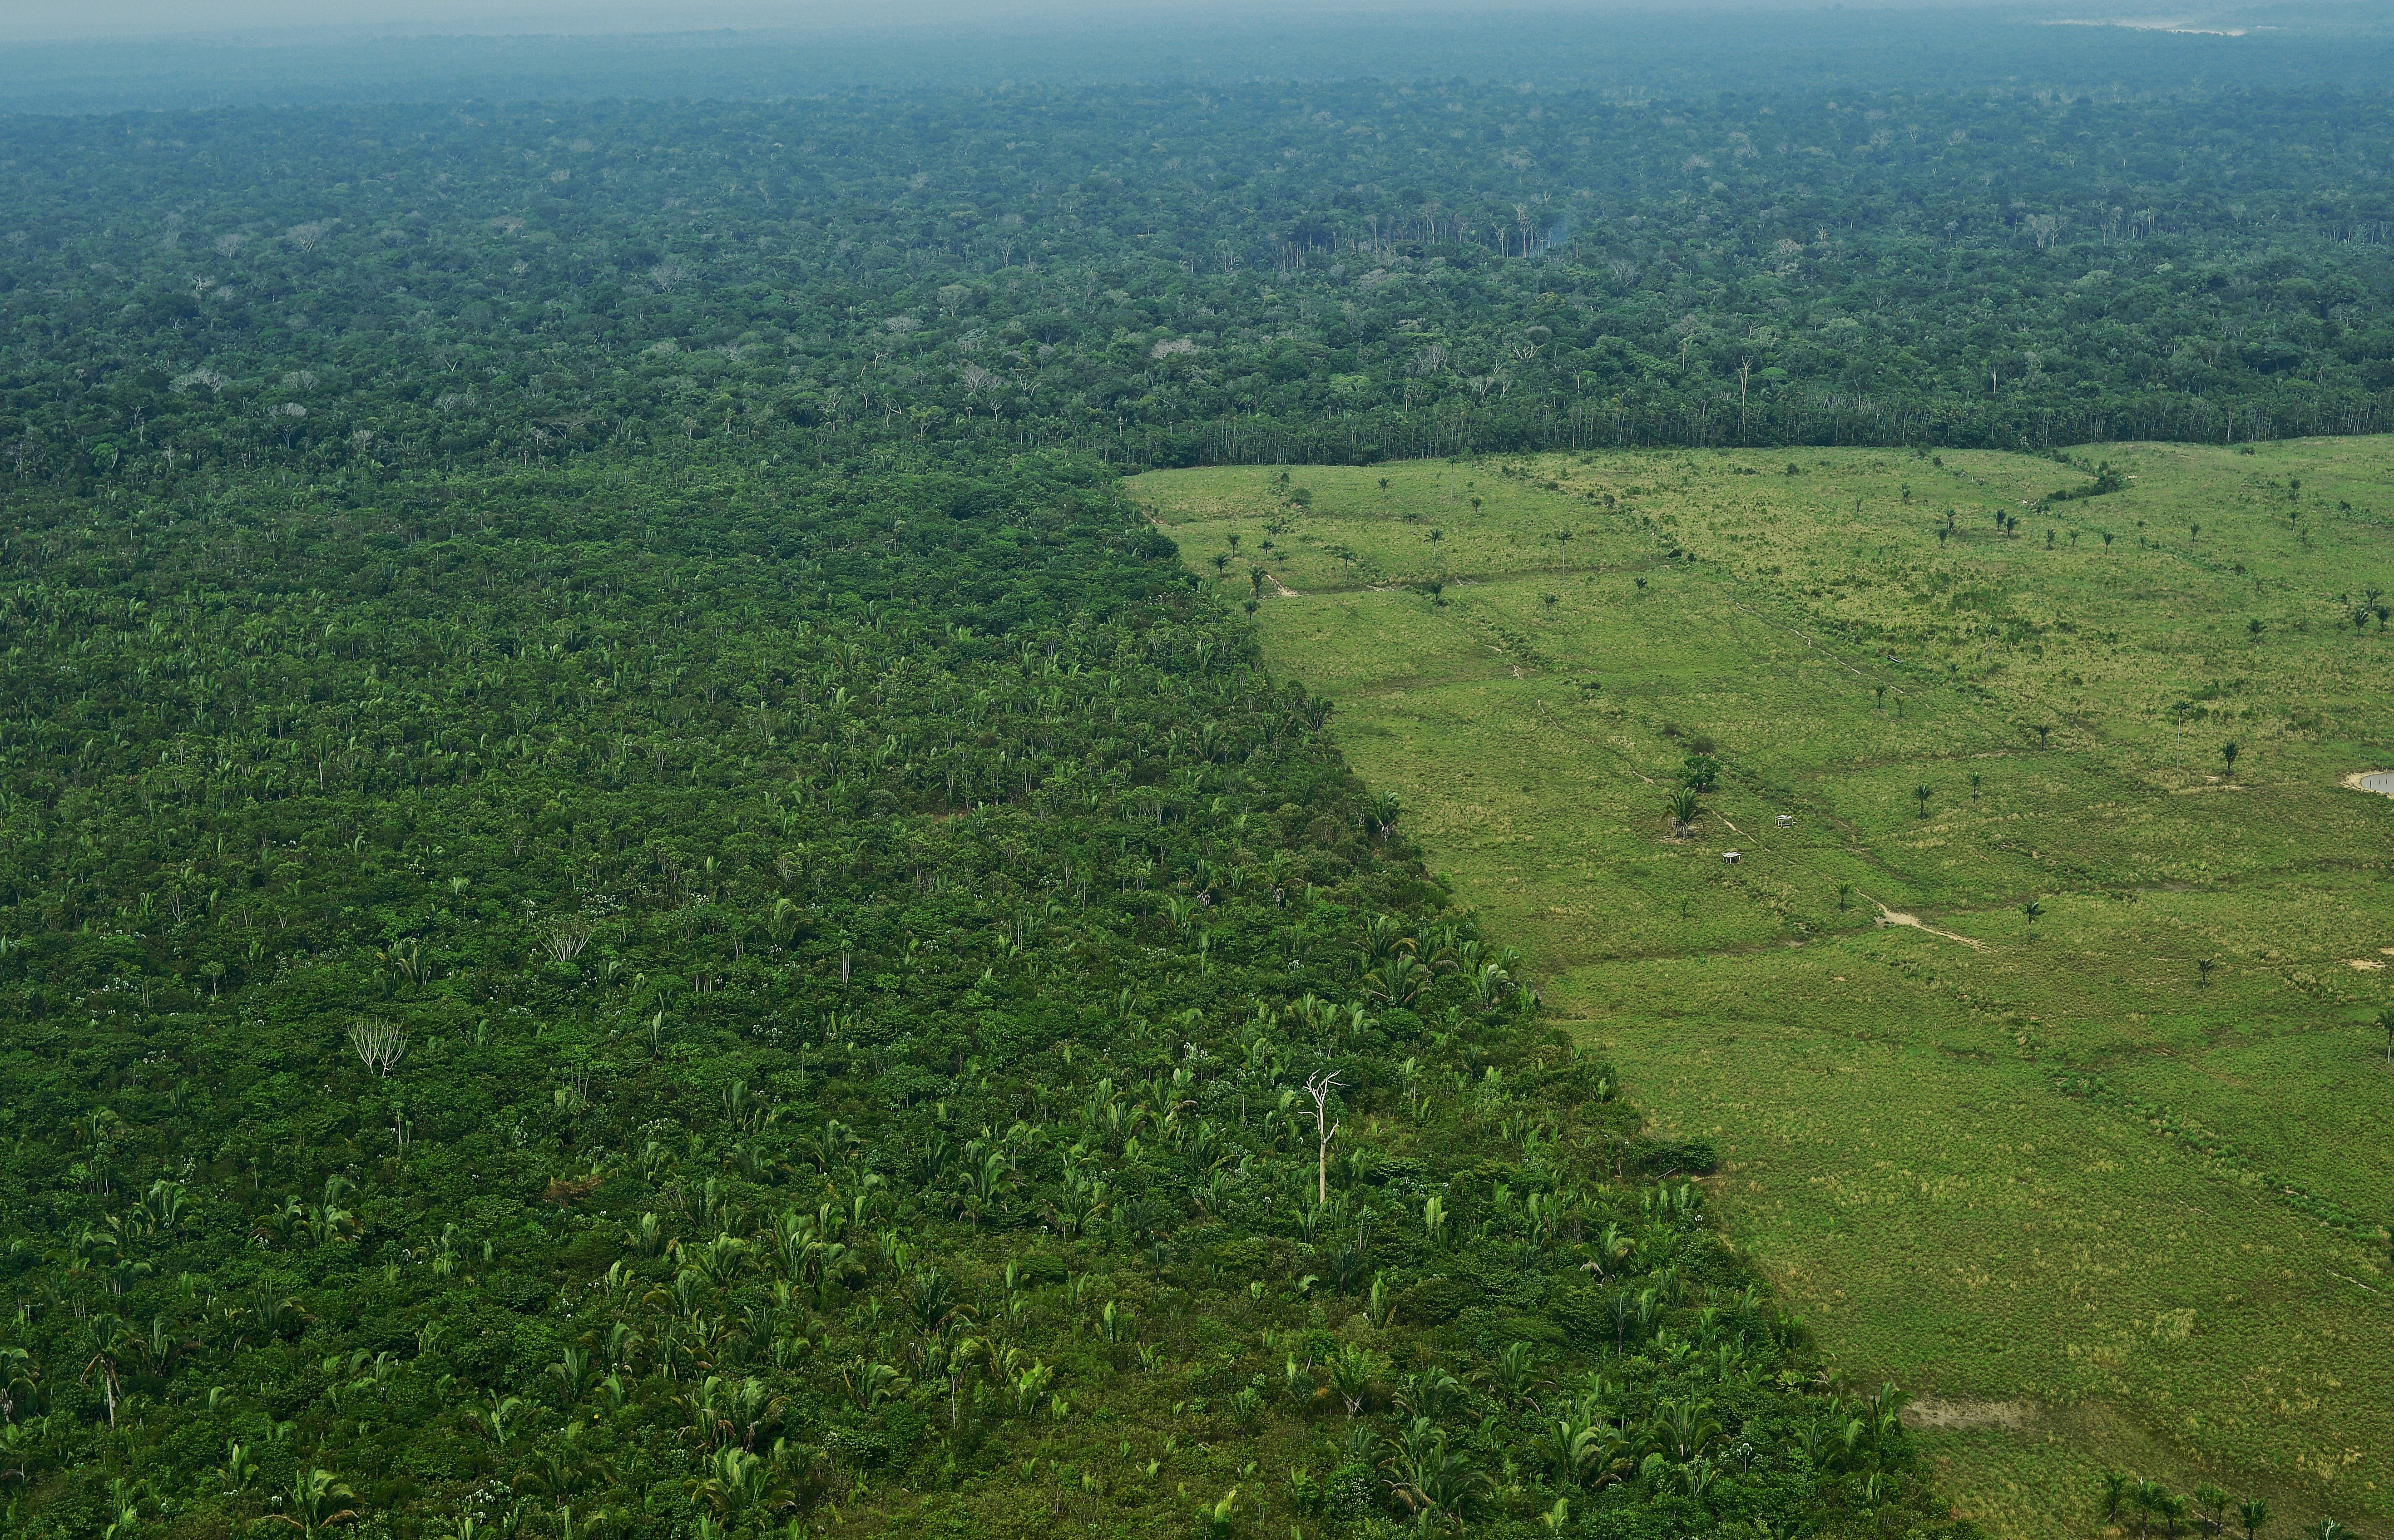 Lehet, hogy még több fával lassíthatnánk a klímaváltozást, de az Amazonasnál pont most kapcsoltak csúcssebességre az erdőirtók